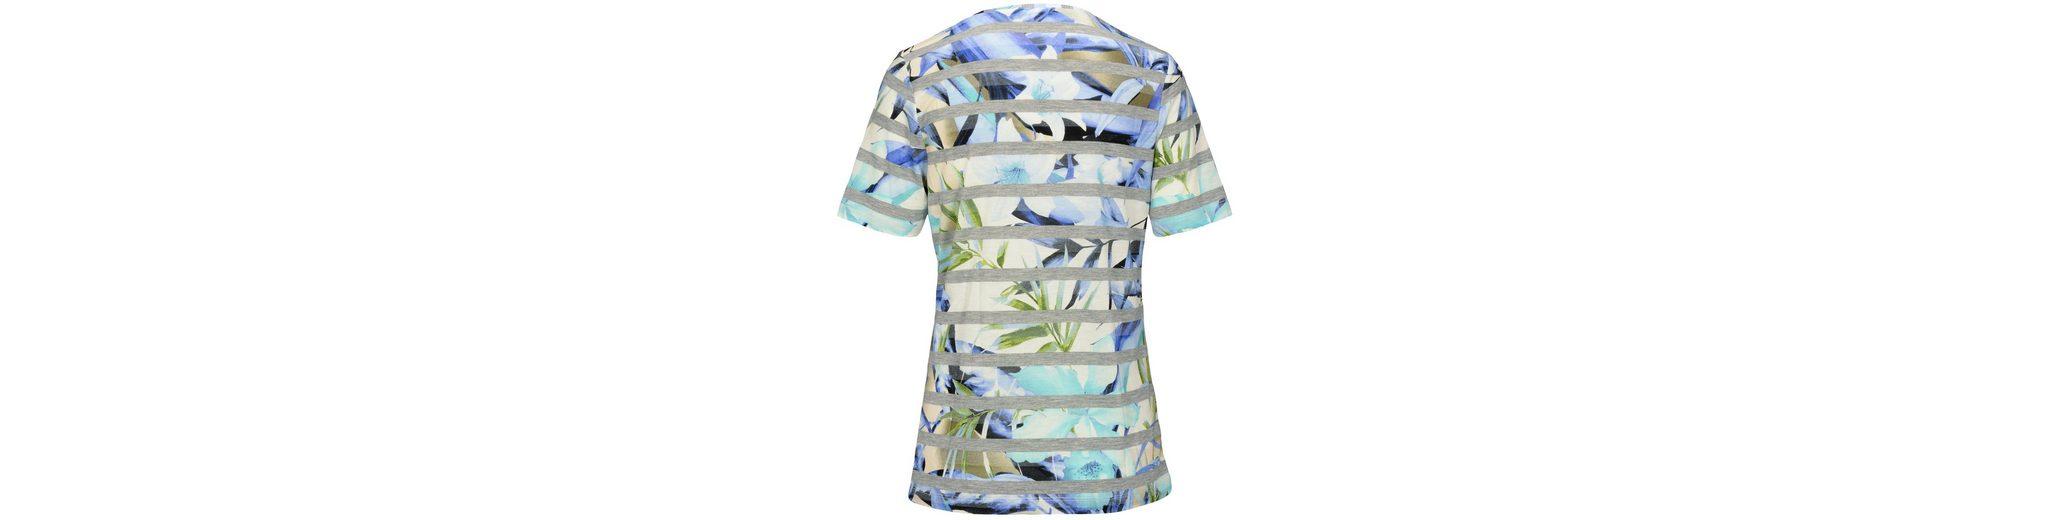 Clarina Rundhalsshirt, mit Print-Mix aus Streifen und Blüten